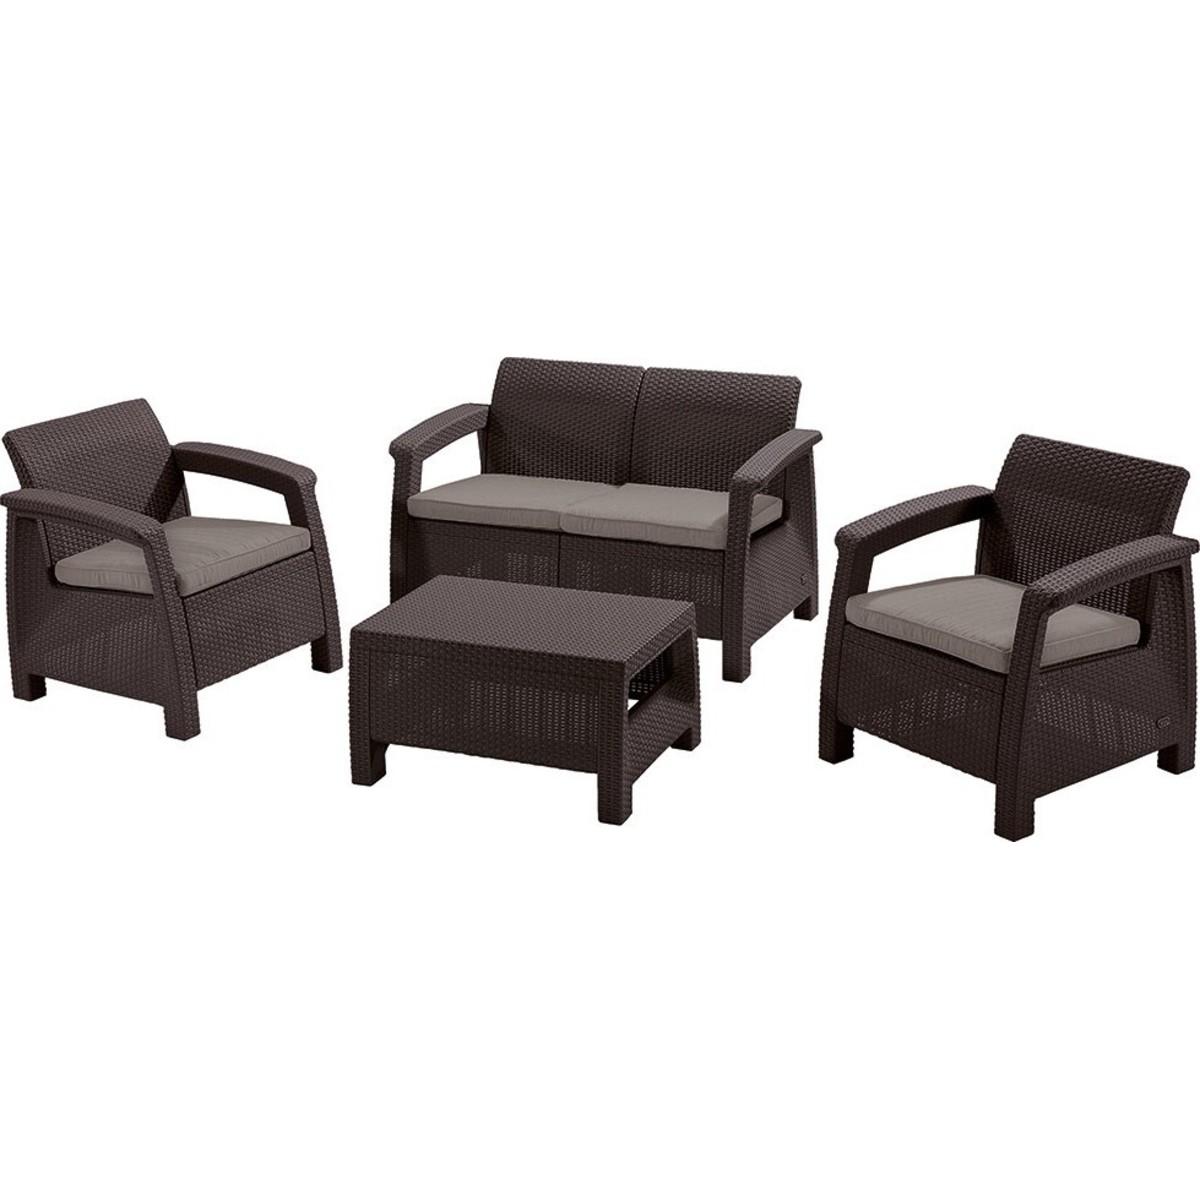 Набор садовой мебели Keter Corfu set полиротанг коричневый стол диван и 2 кресла